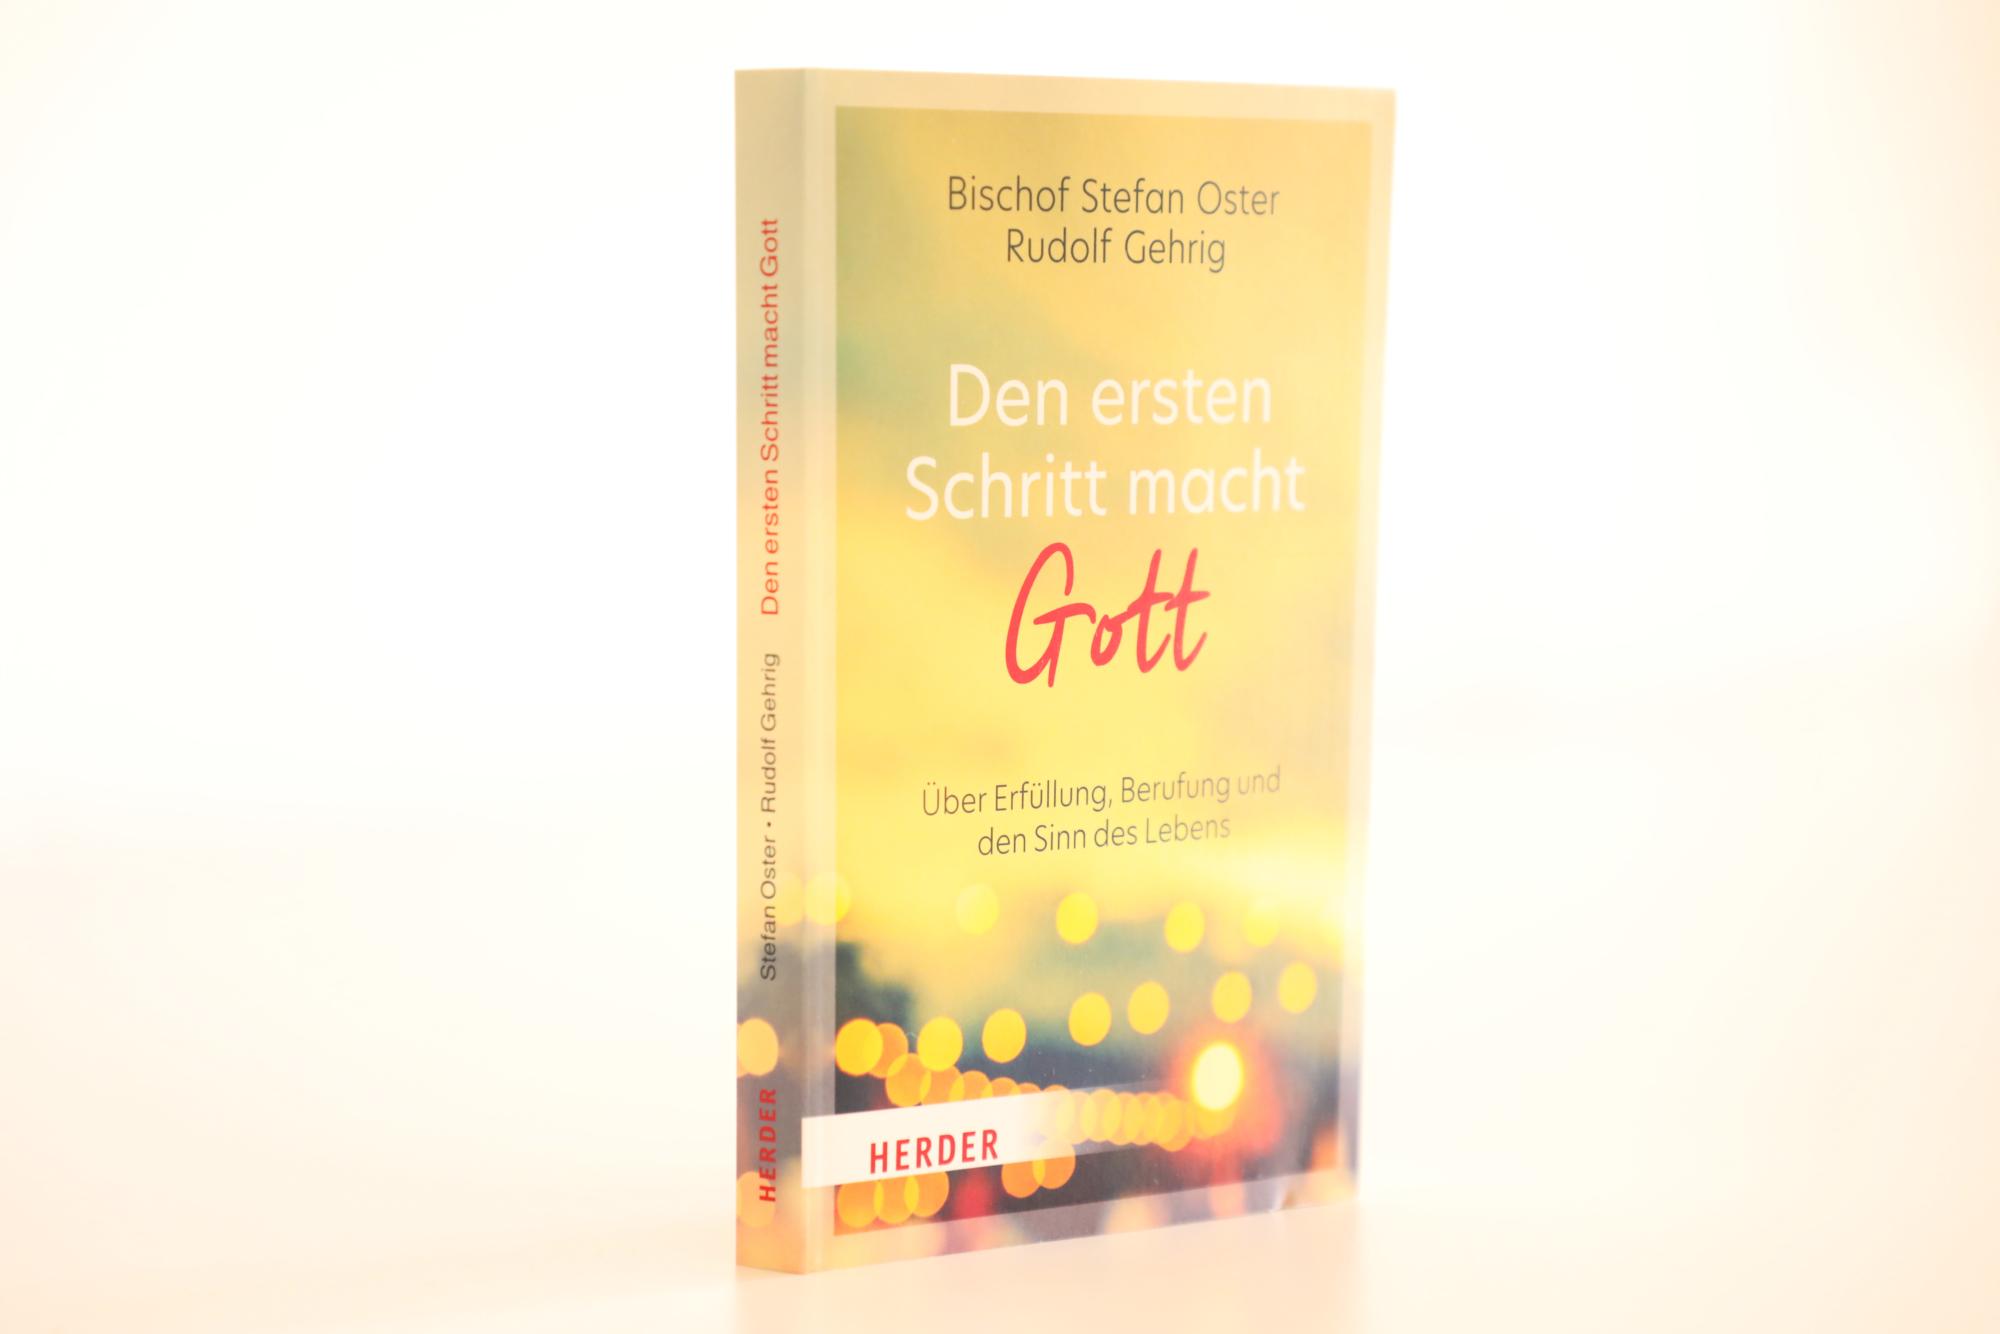 Buch Gott erster Schritt 1